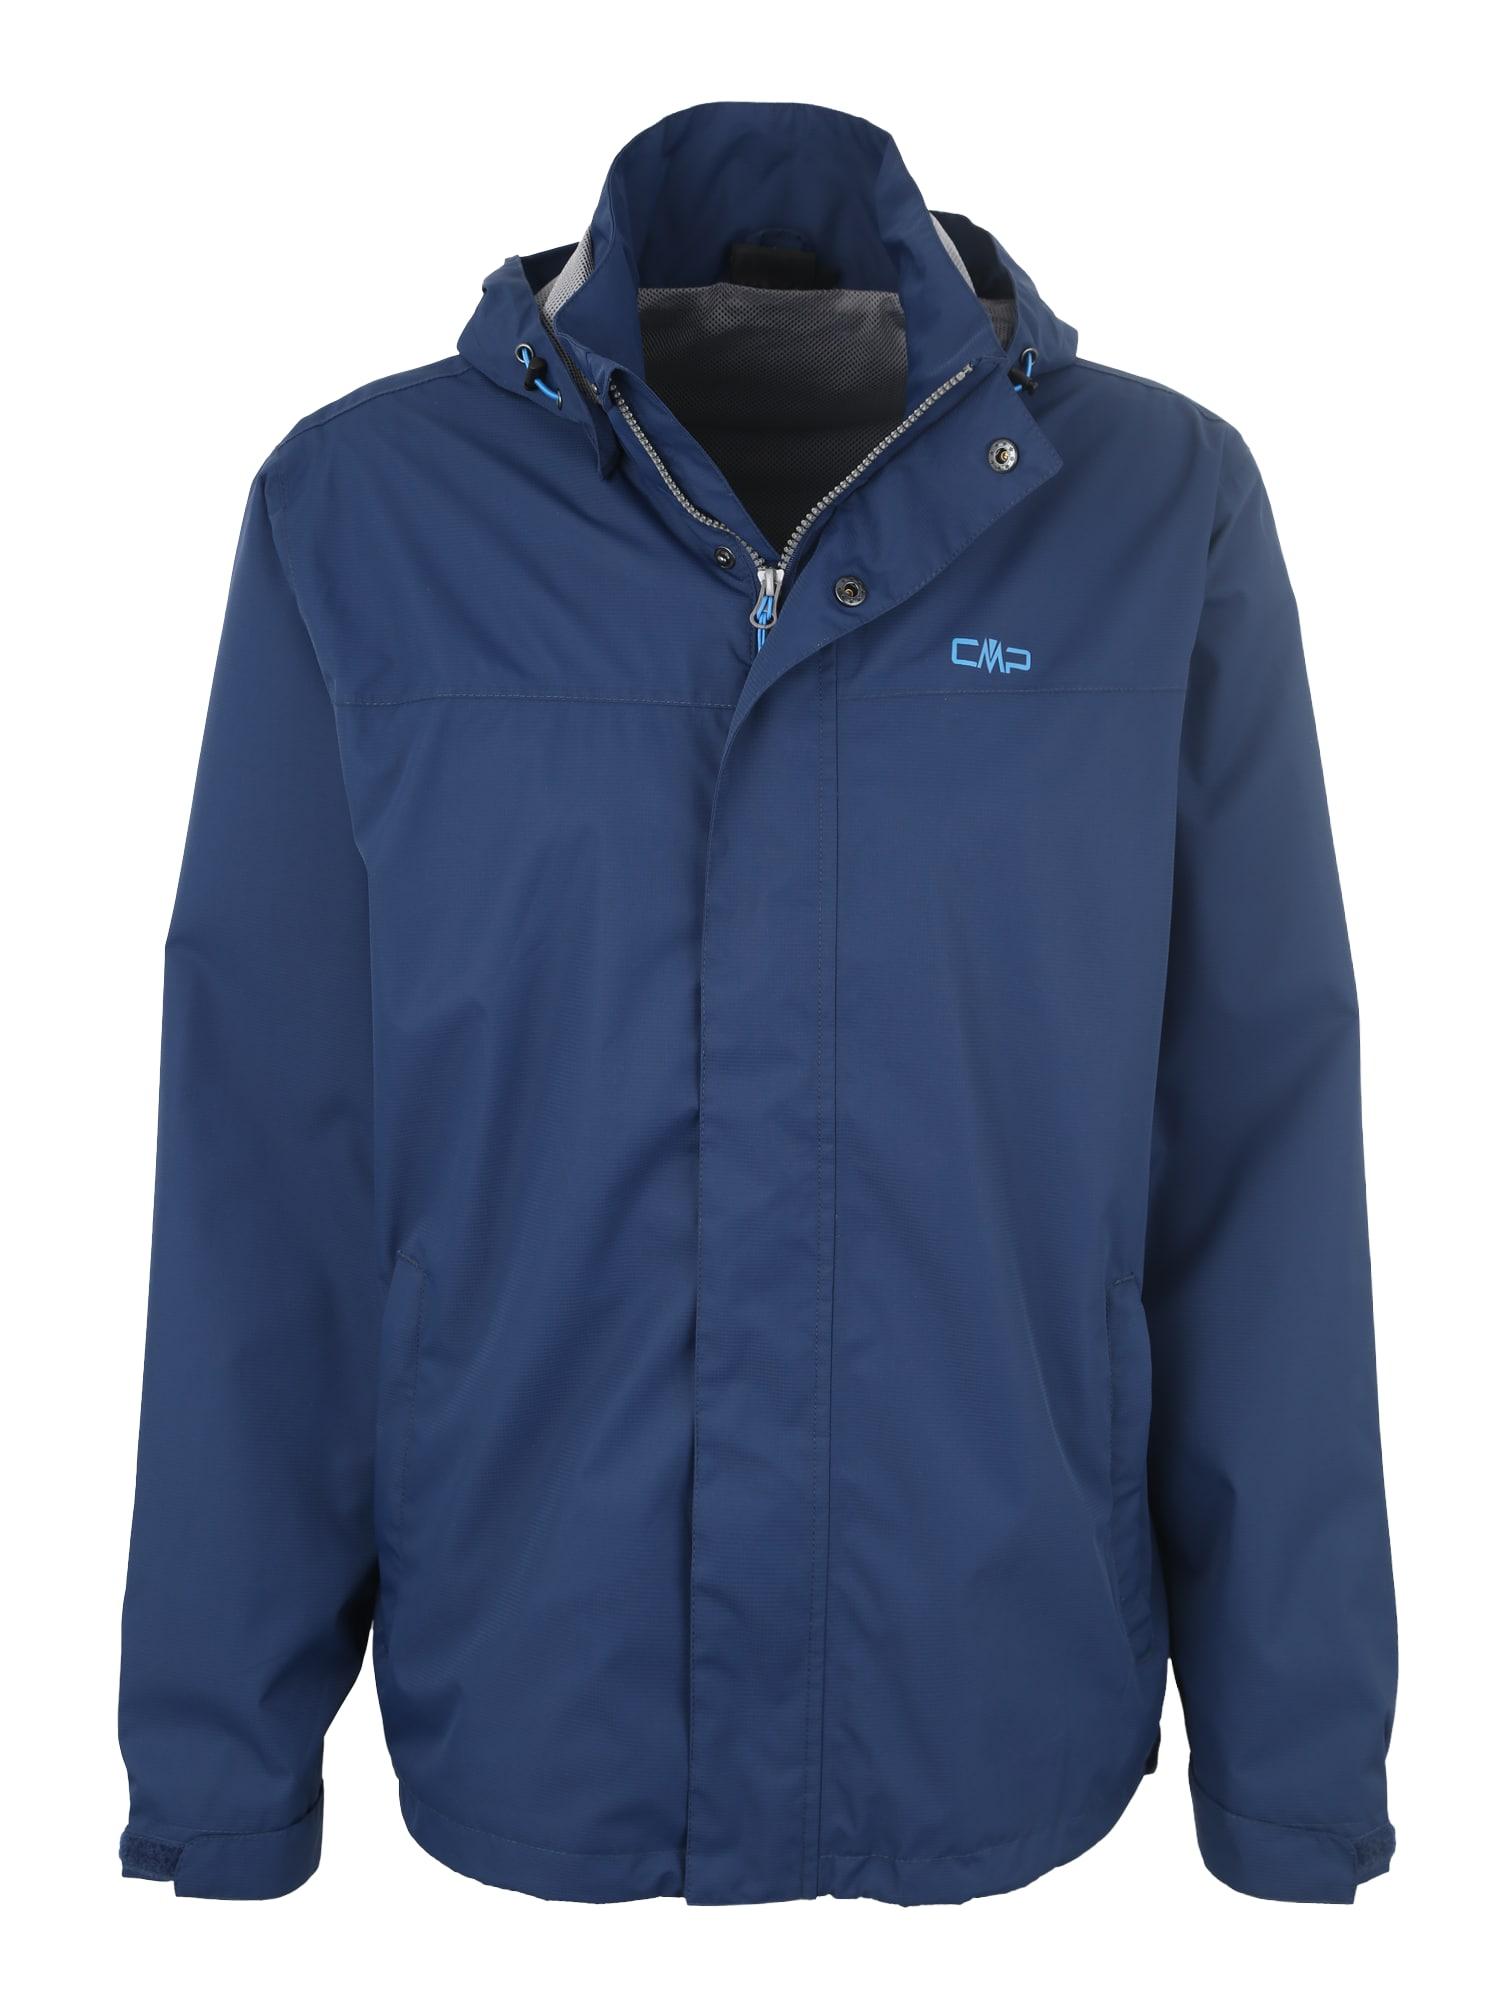 Sportovní bunda marine modrá CMP